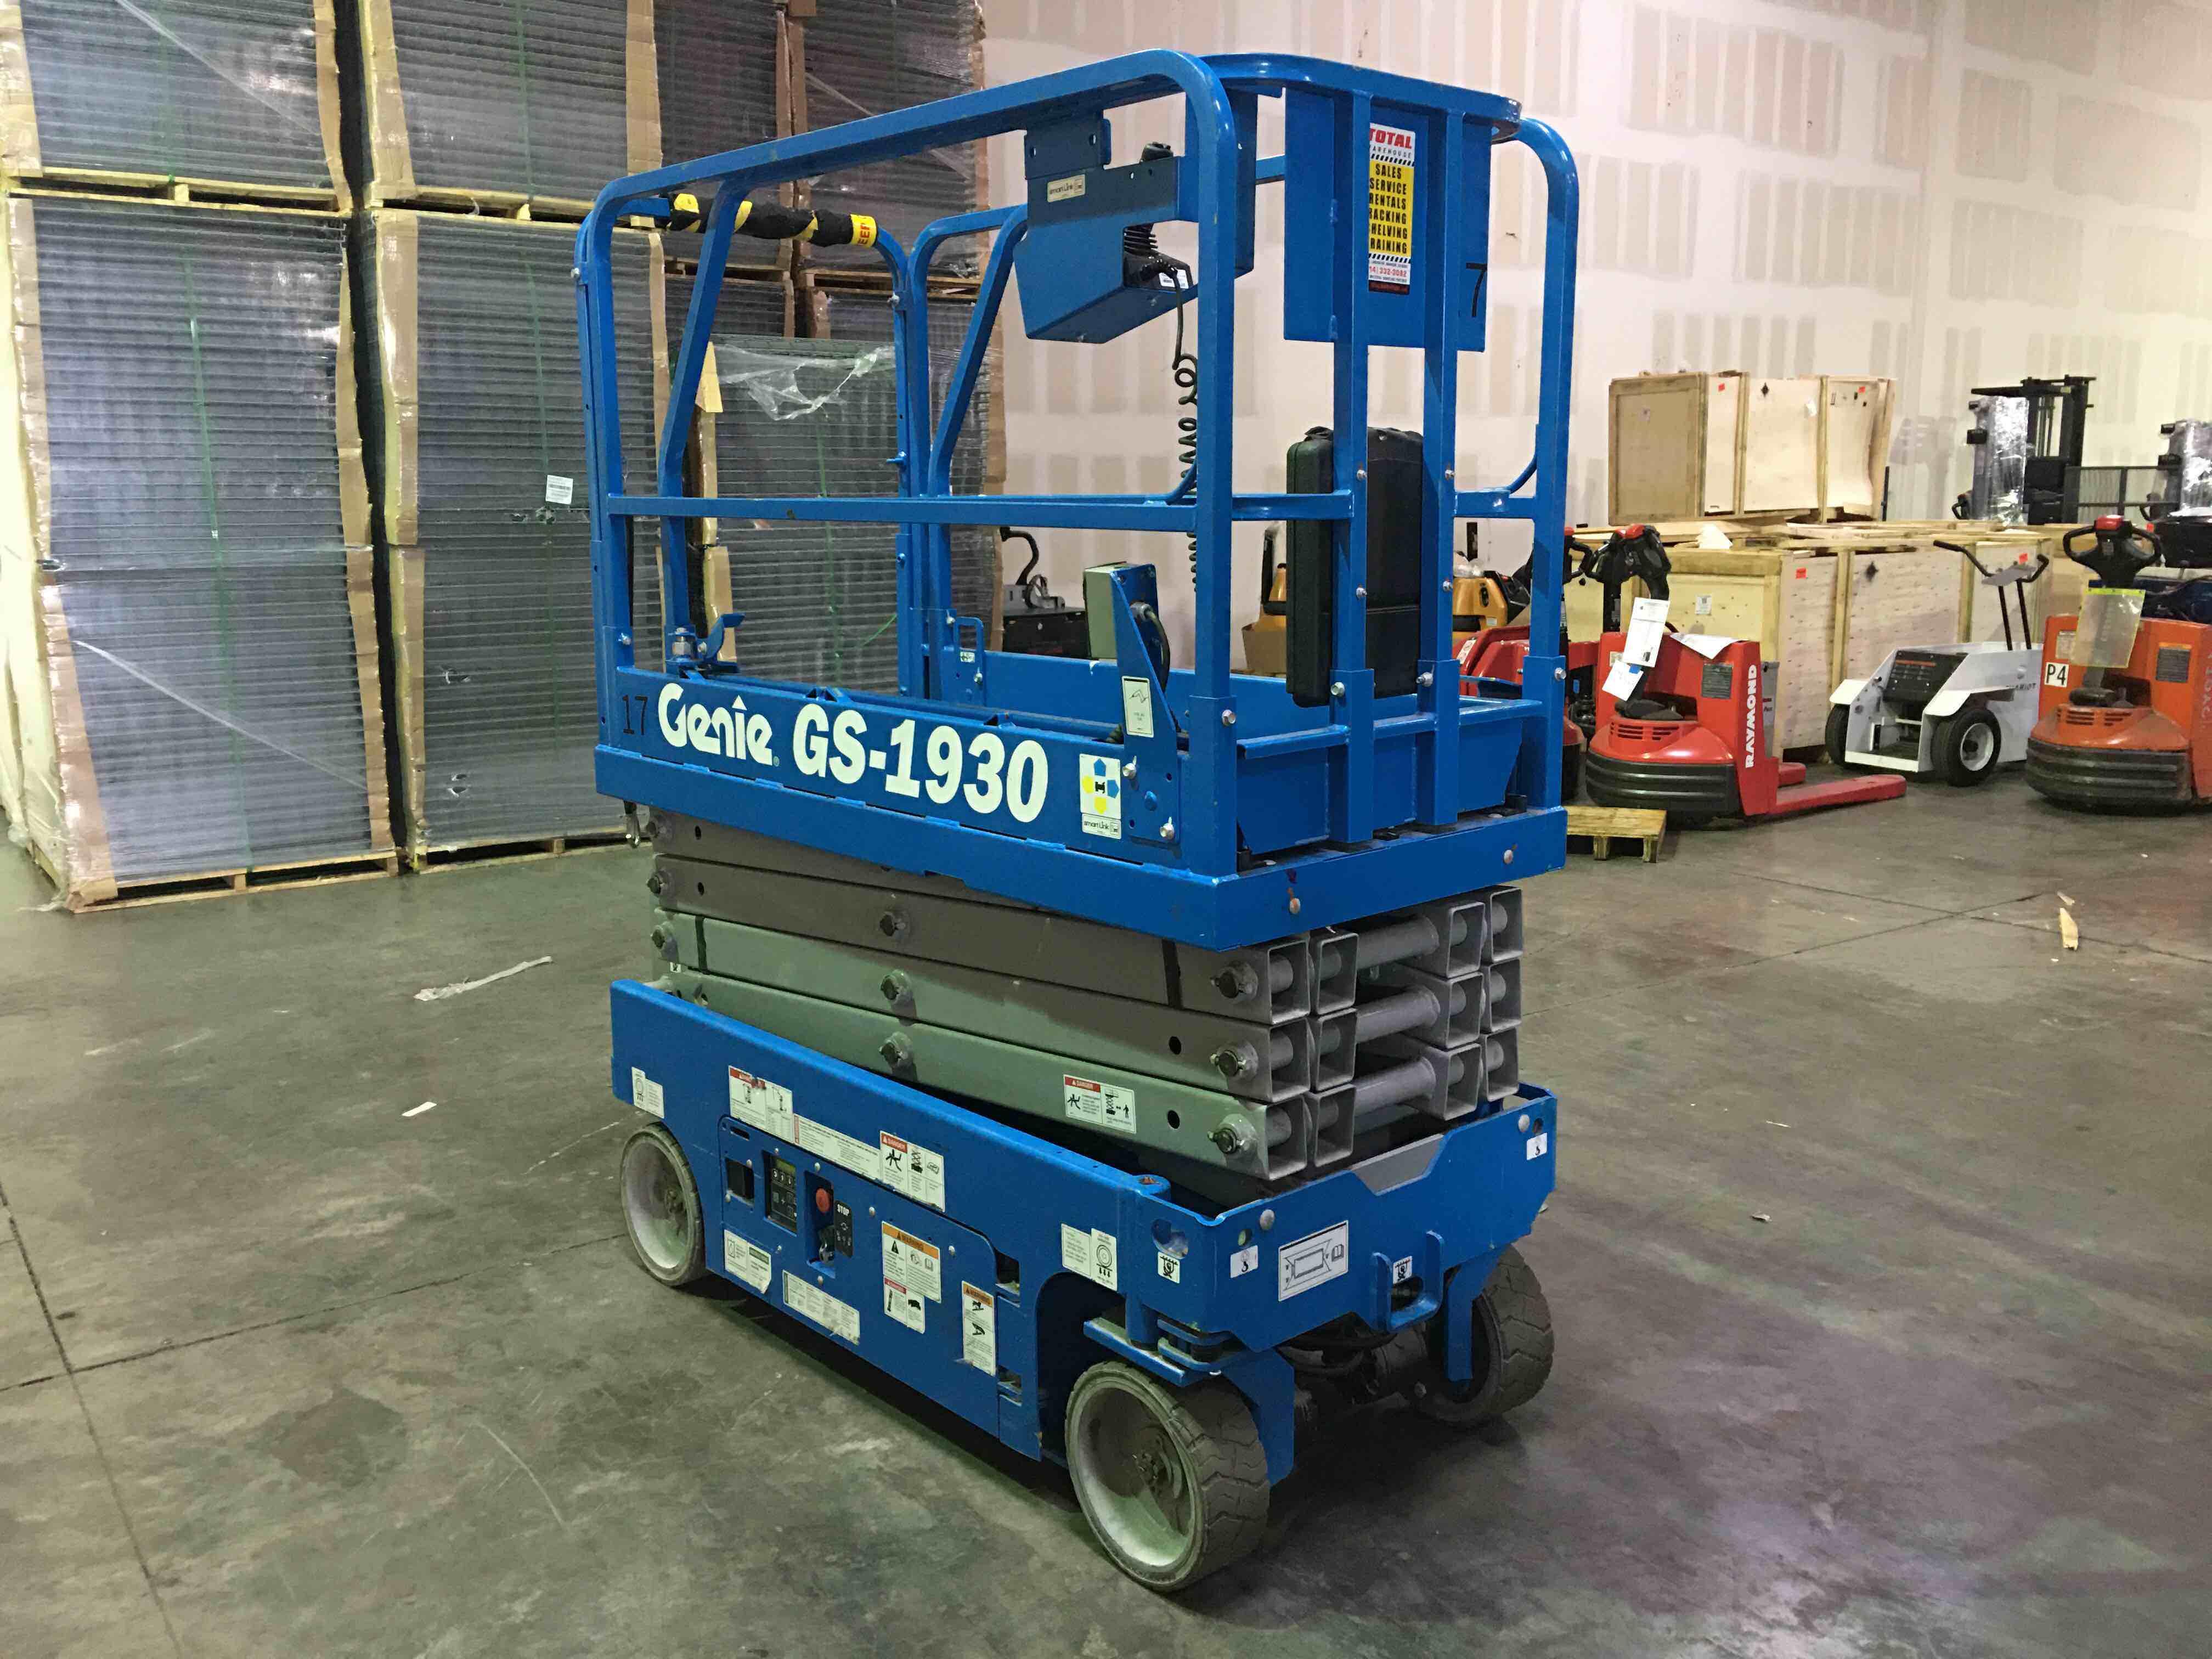 GS-1930 GS30P-168851